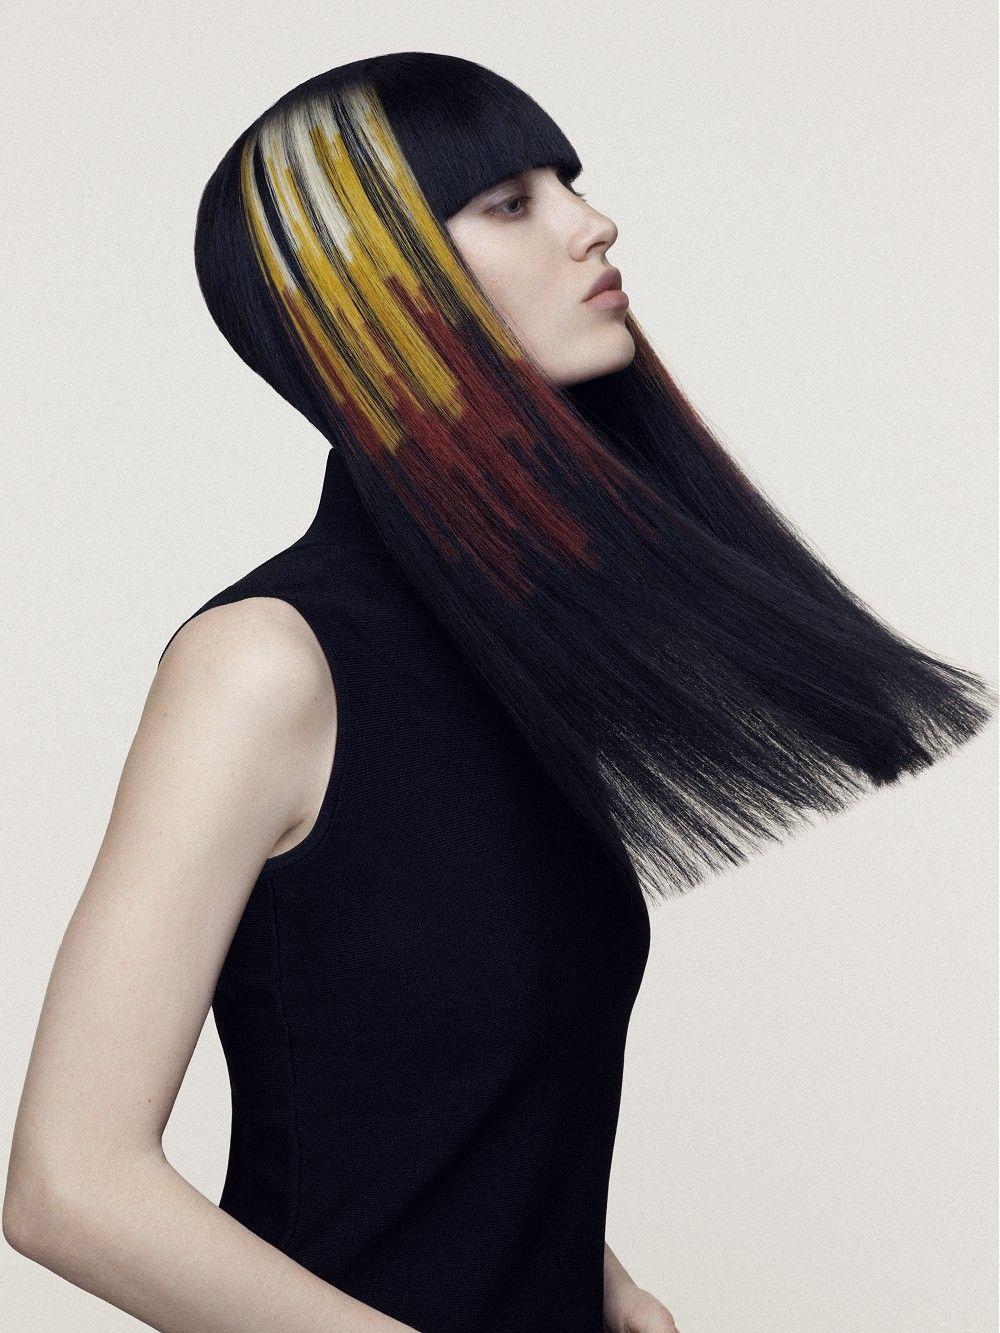 трафаретное окрашивание волос фото указывать факт копии